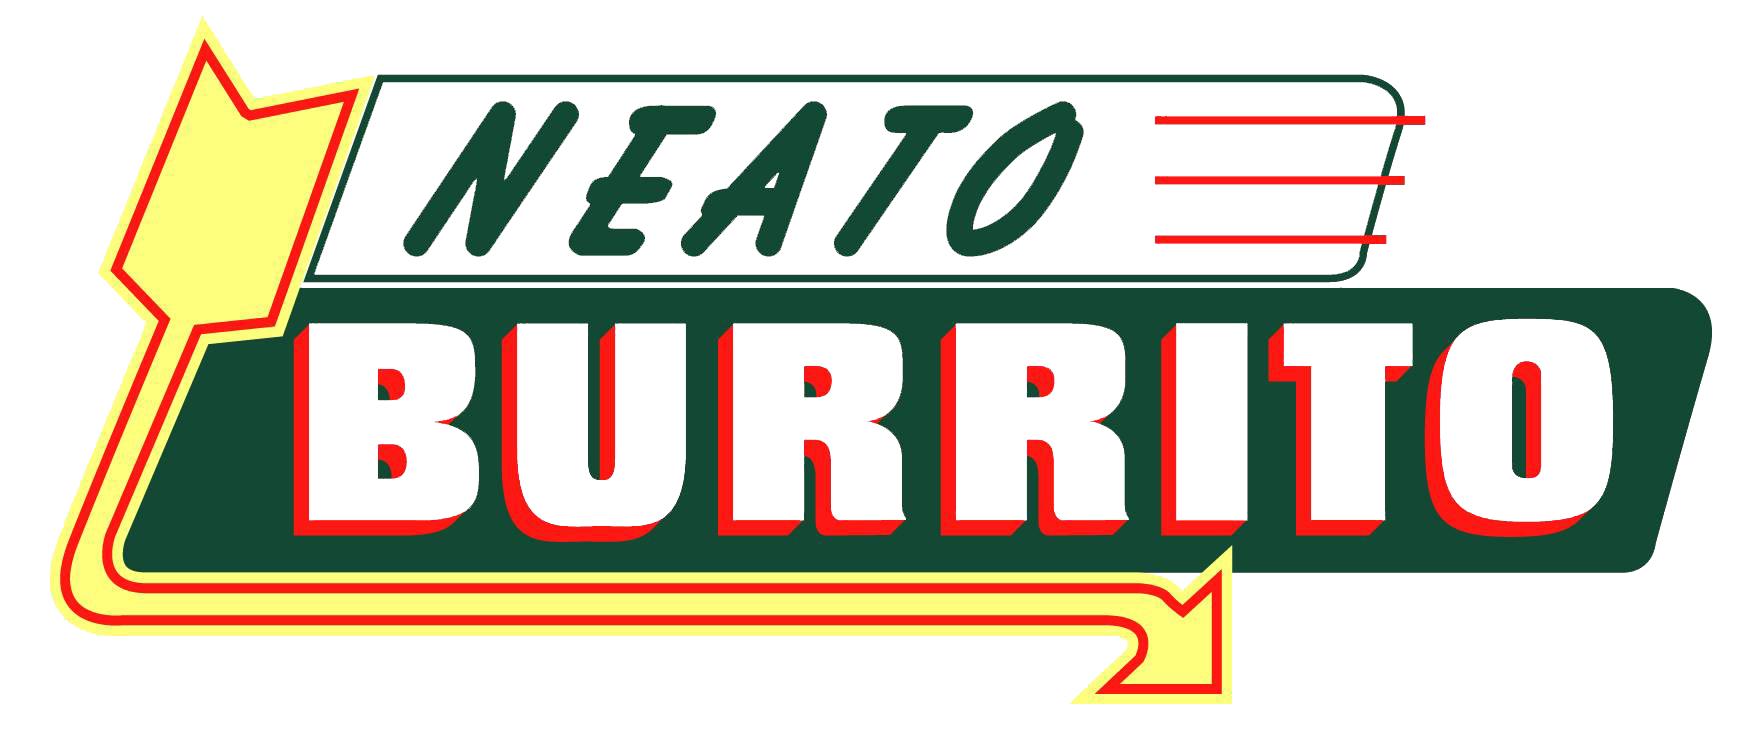 Neato Burrito